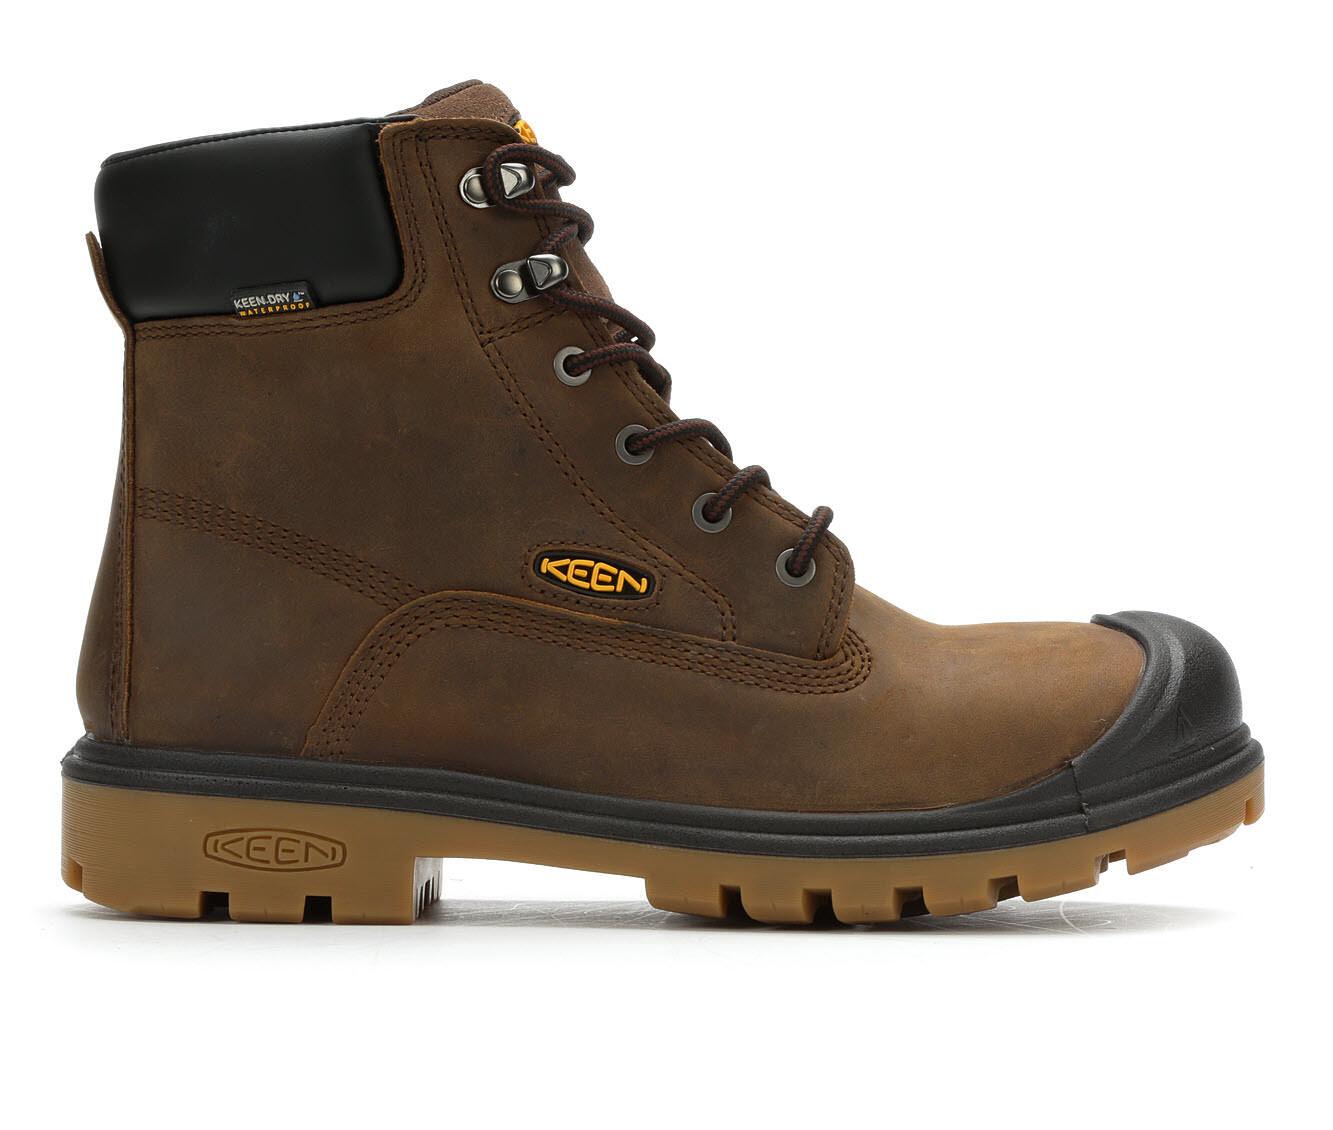 Men's KEEN Utility Baltimore 6 In Non-Steel Waterproof Work Boots buy cheap best store to get jjCrAFU